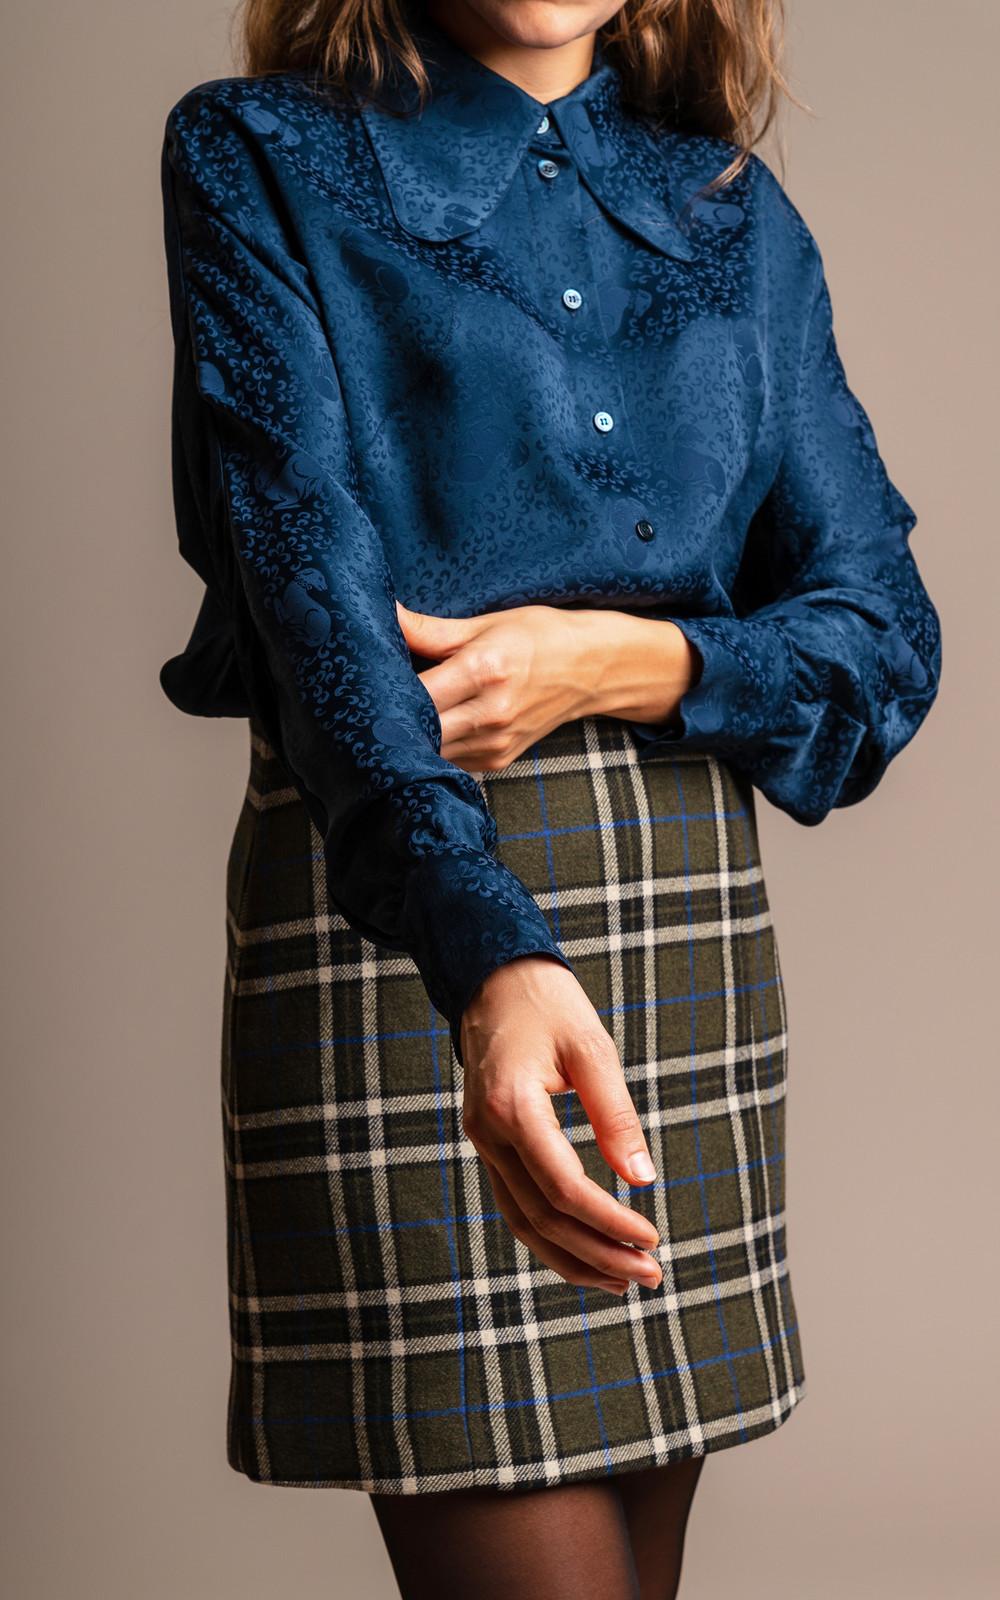 Alexa Chung Raglan Sleeve Shirt